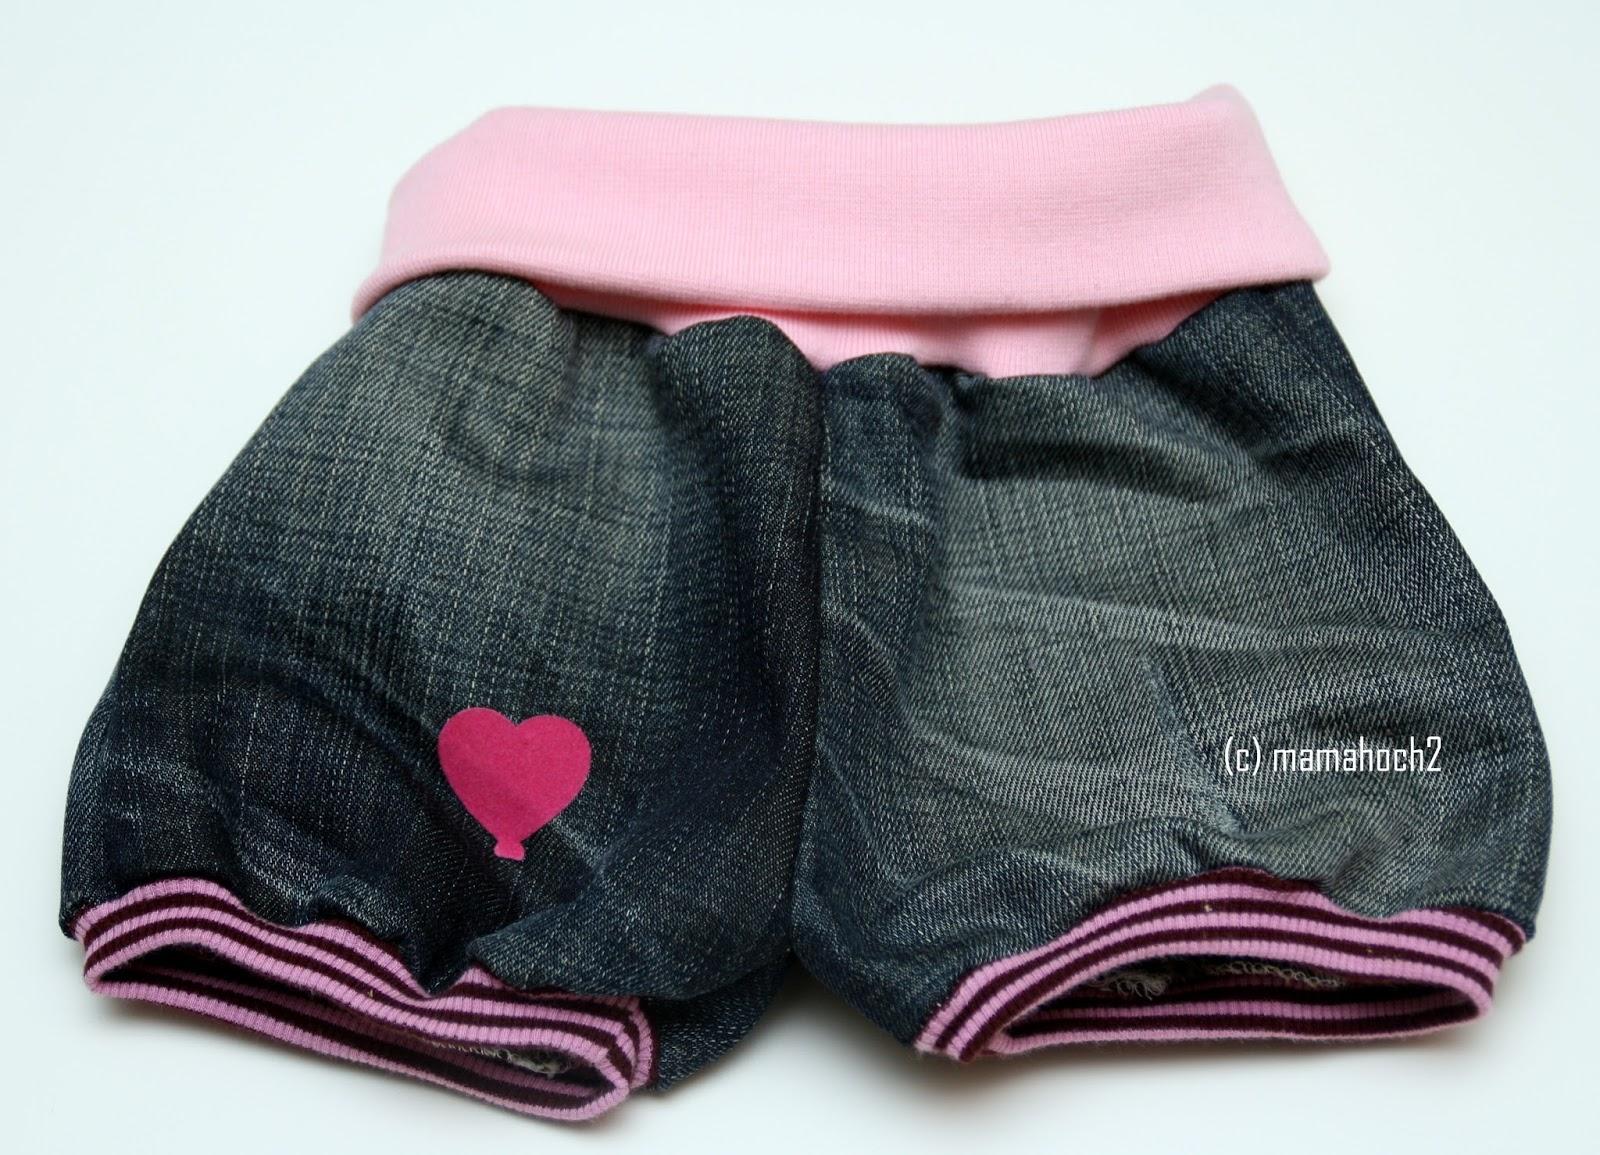 Knickerbocker Rosa Rosa aus alter Jeans upcycling4